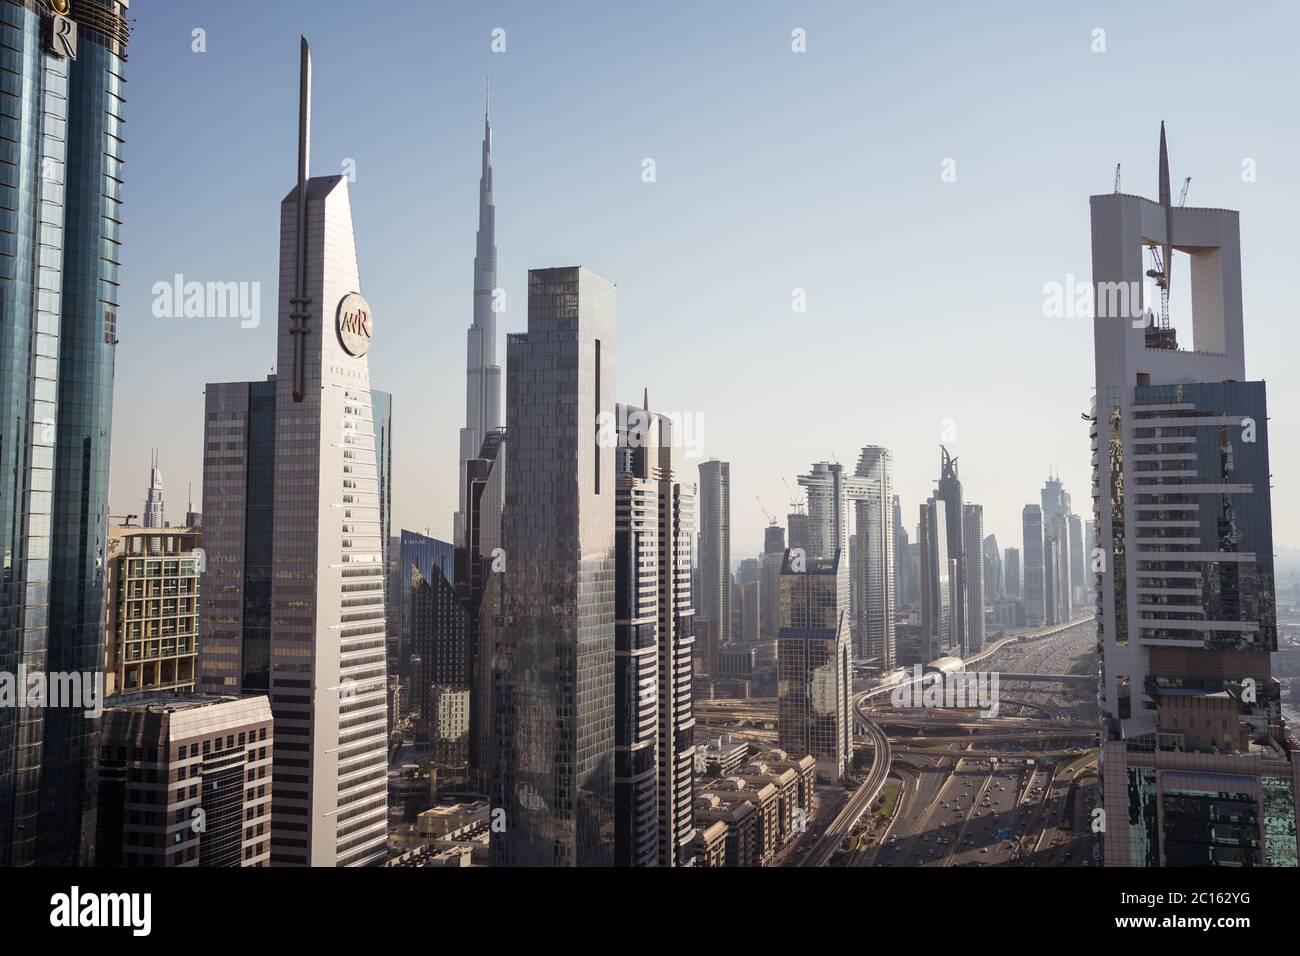 Dubai / Emiratos Árabes Unidos - 1 de febrero de 2020: Impresionante vista aérea del centro financiero de Dubai con gran franja principal durante la puesta de sol y el tráfico intenso de vehículos Foto de stock